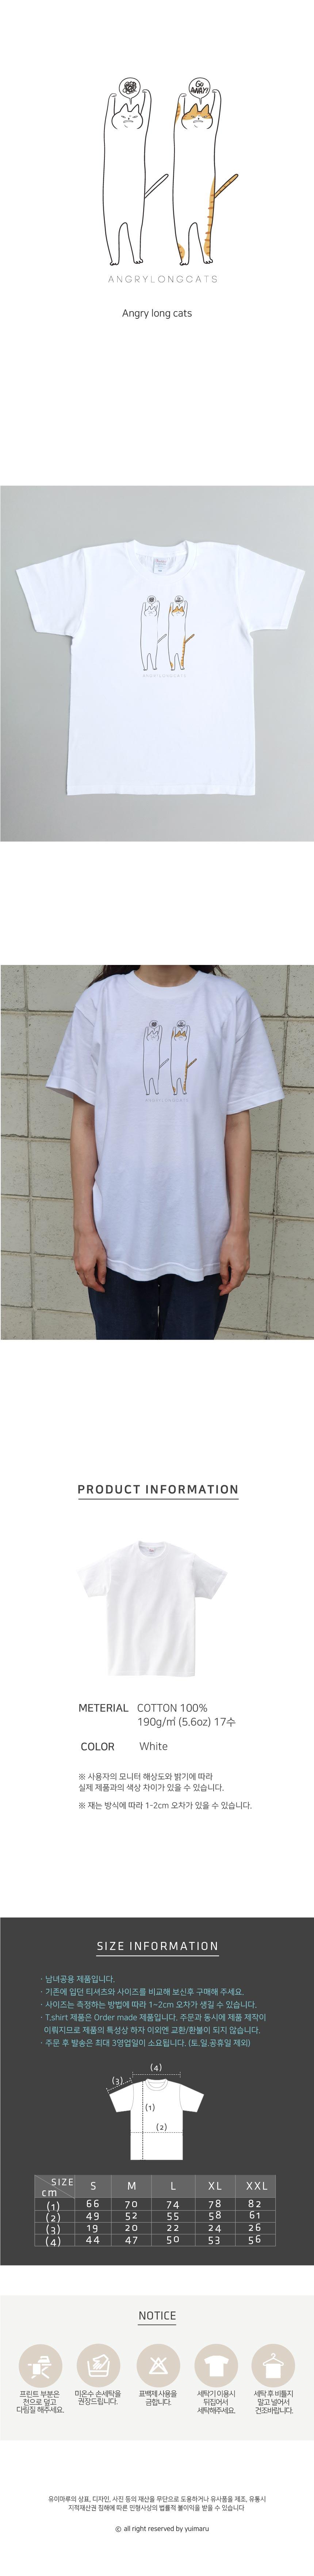 Long cat series T-shirt (5종) - 유이마루, 22,500원, 상의, 반팔티셔츠